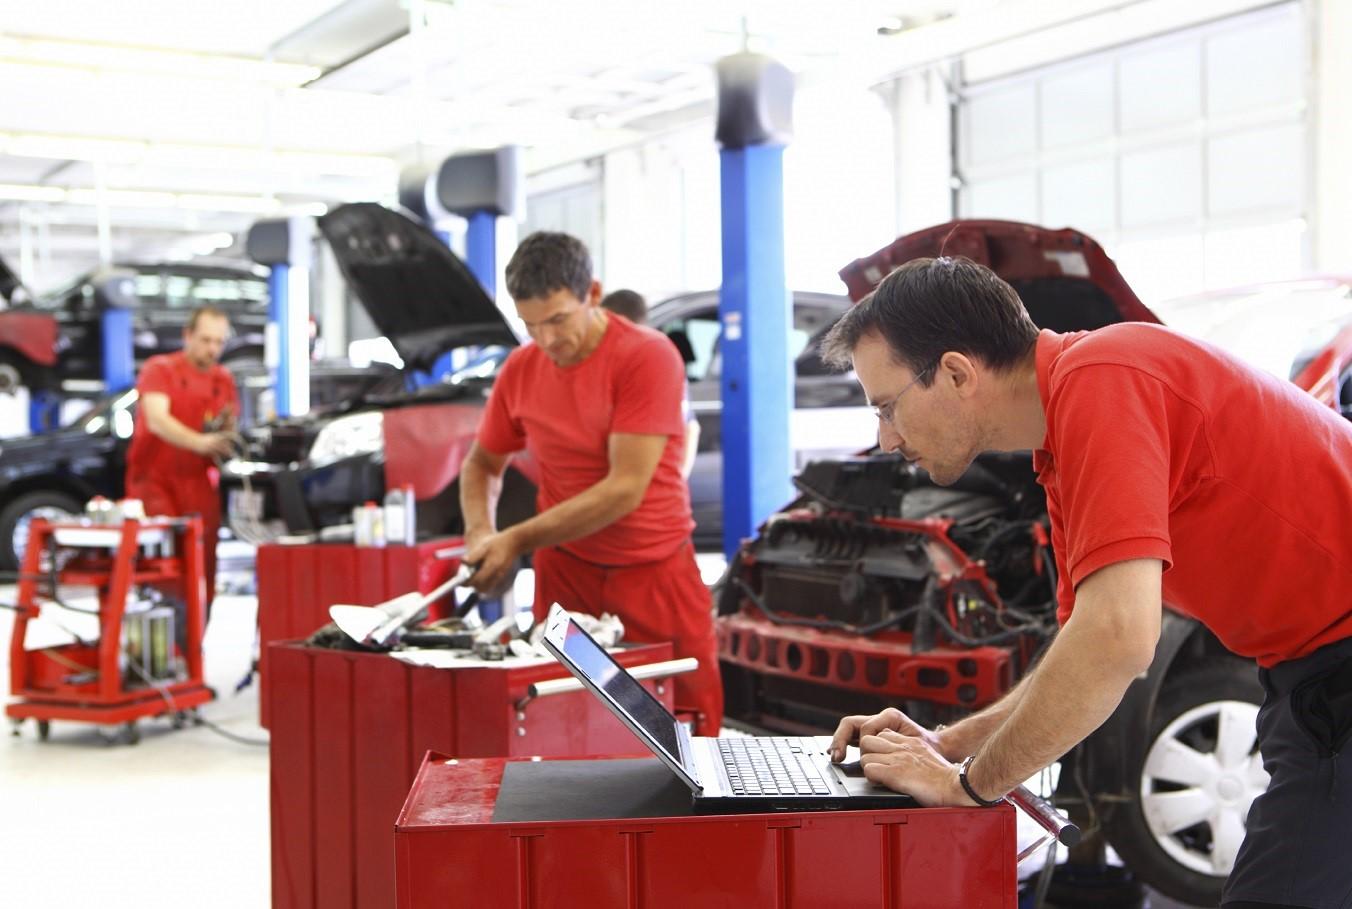 Si tienes dudas sobre el estado de tu batería, ven a Honda de Chantilly, nosotros te ayudamos